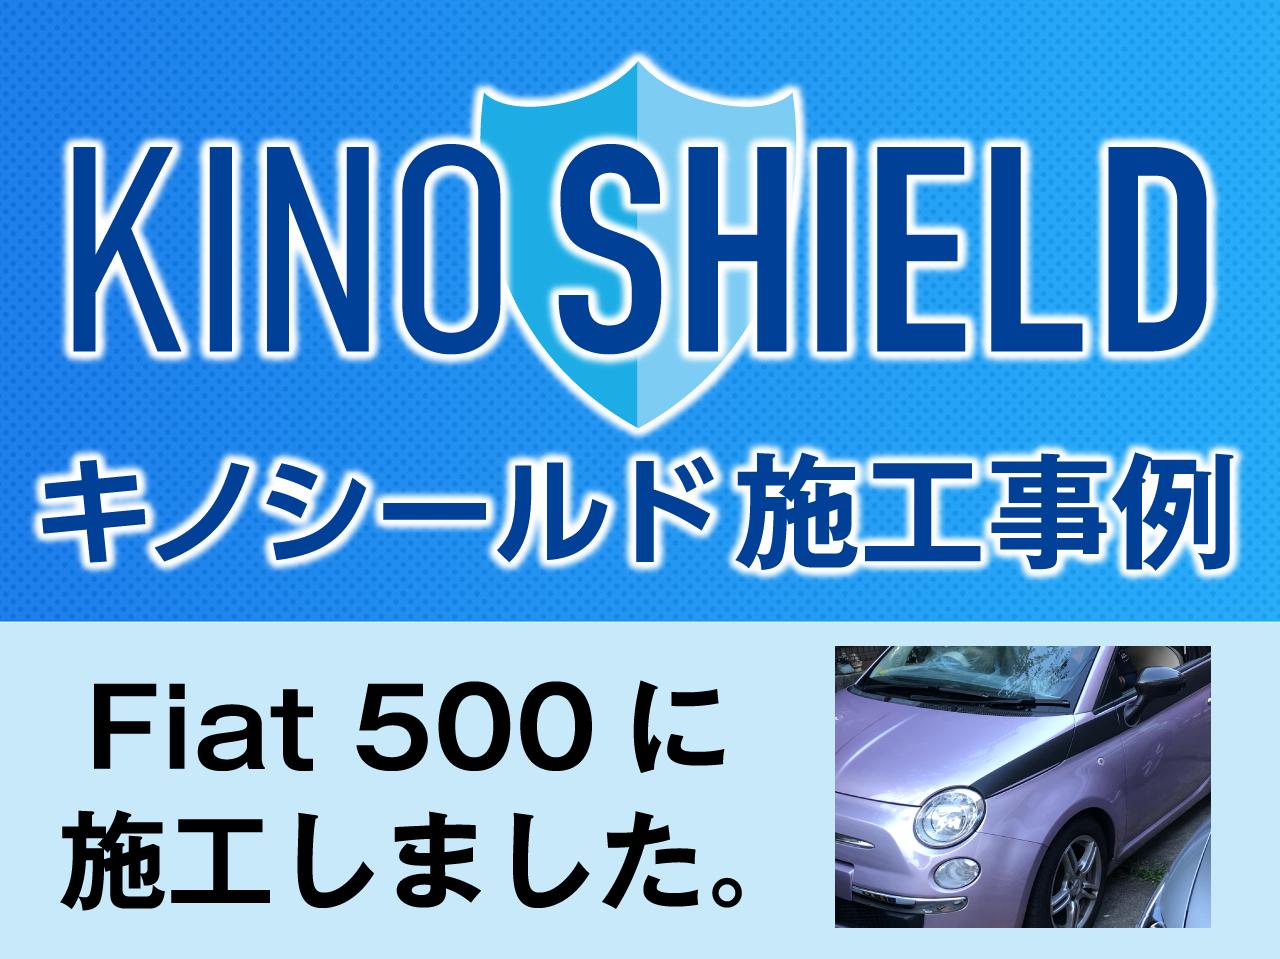 Fiat500にキノシールドを施工しました。